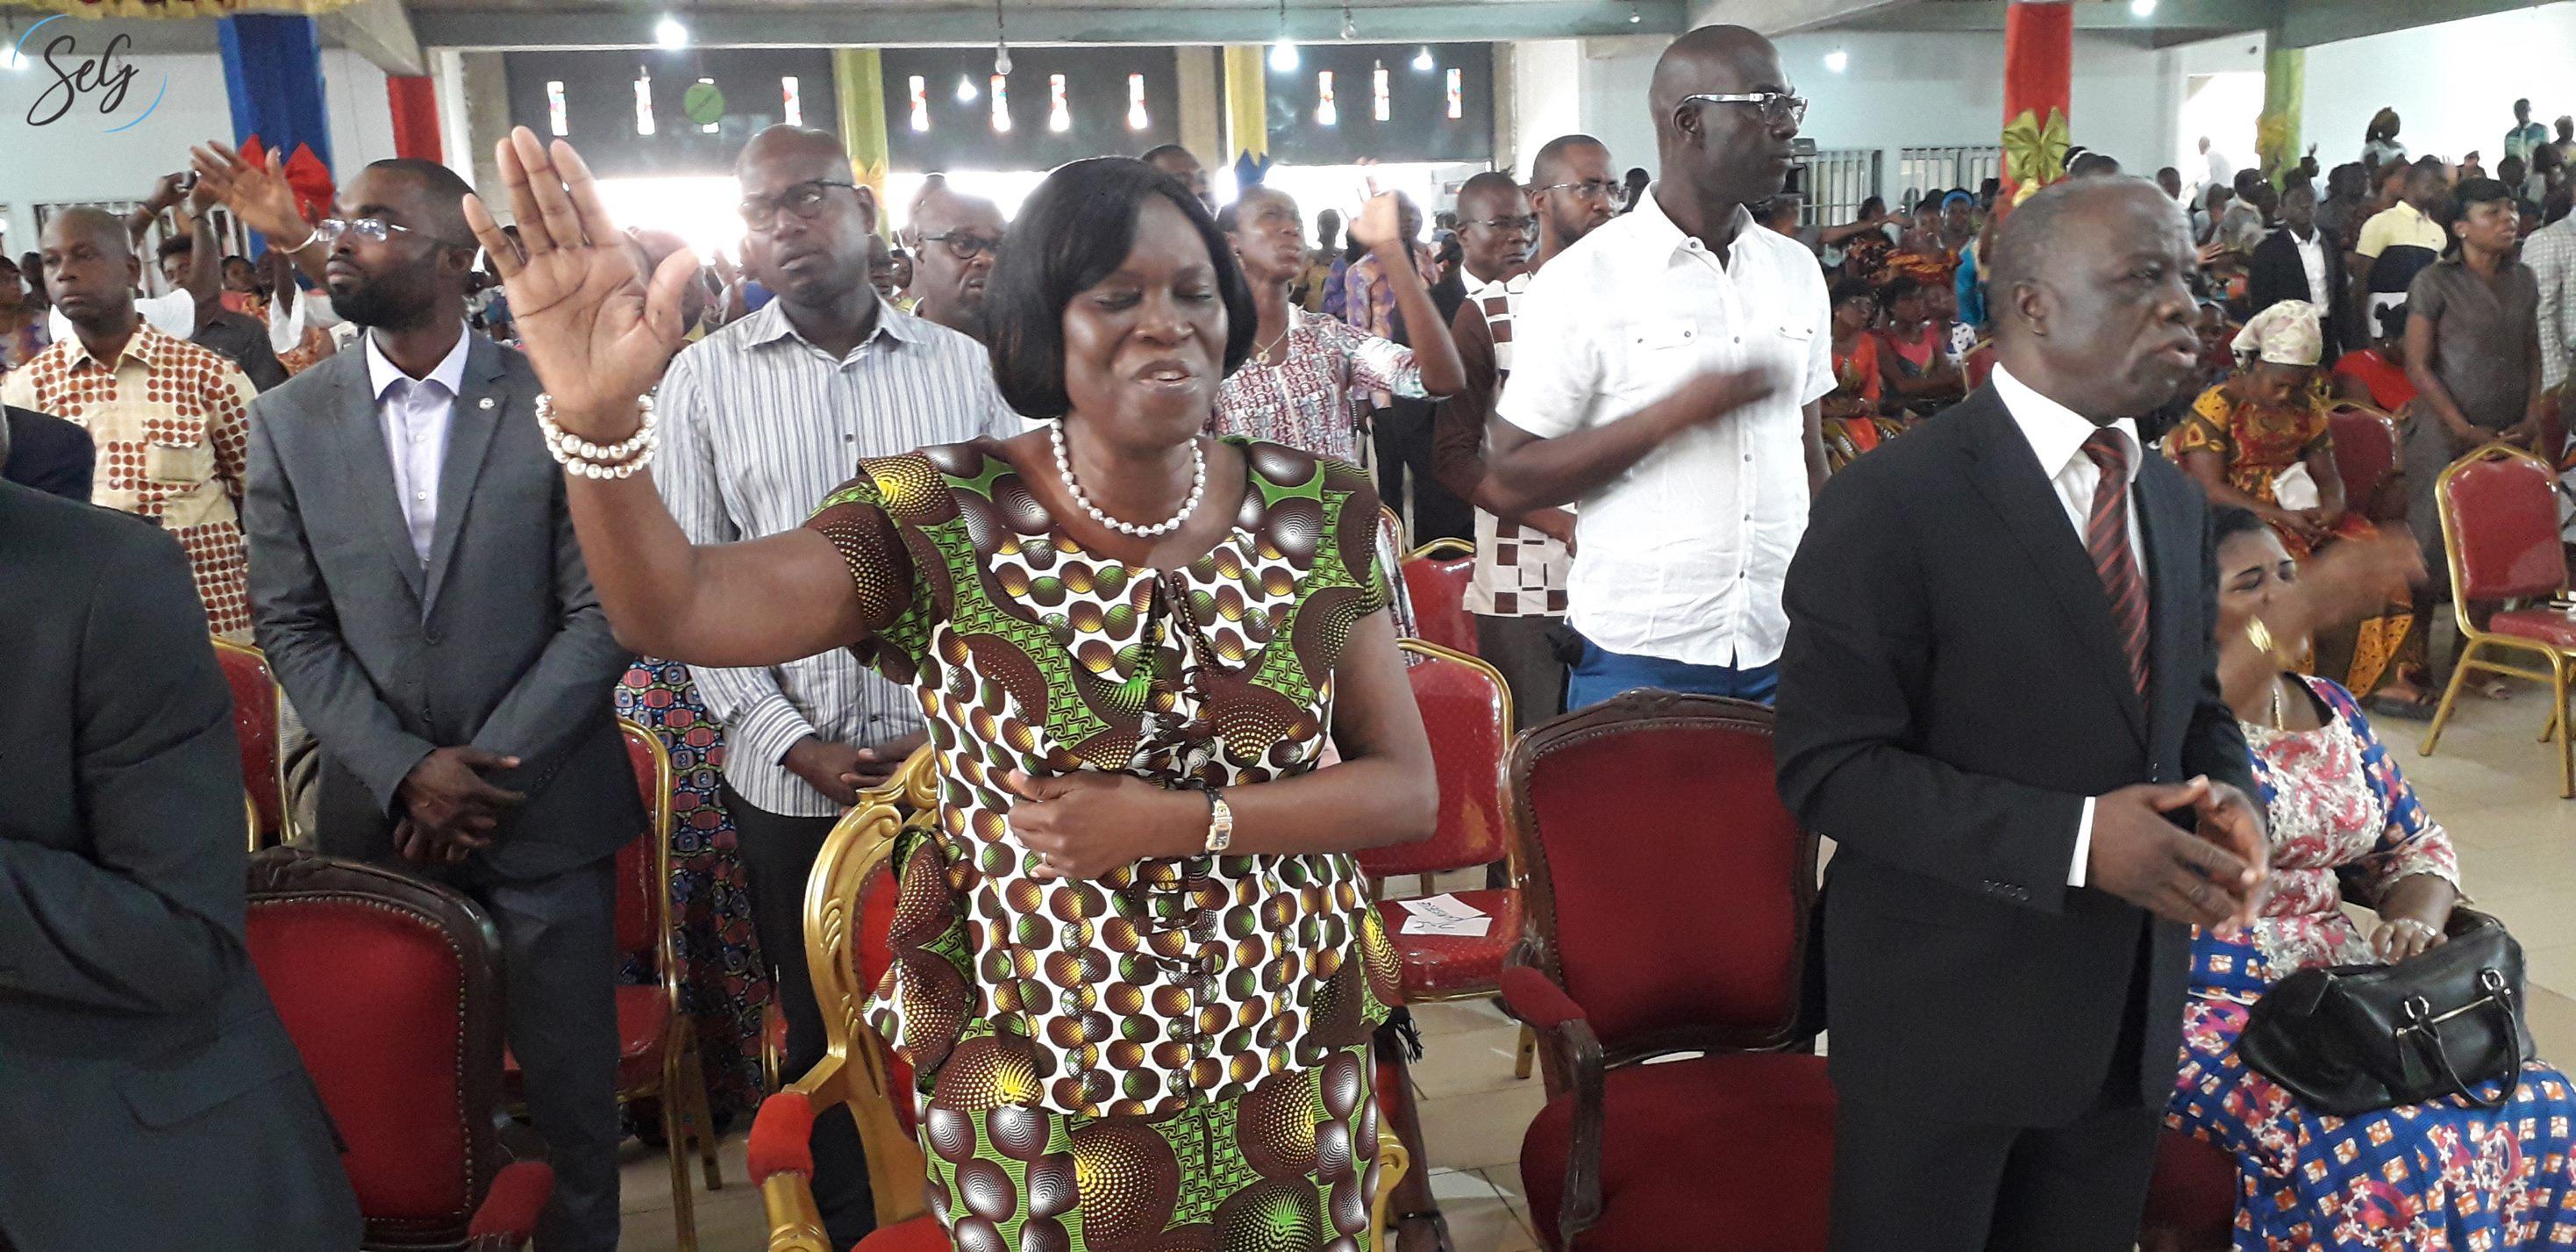 c te d ivoire rest e tr s populaire simone gbagbo au rebond sur la route de la pr sidentielle. Black Bedroom Furniture Sets. Home Design Ideas